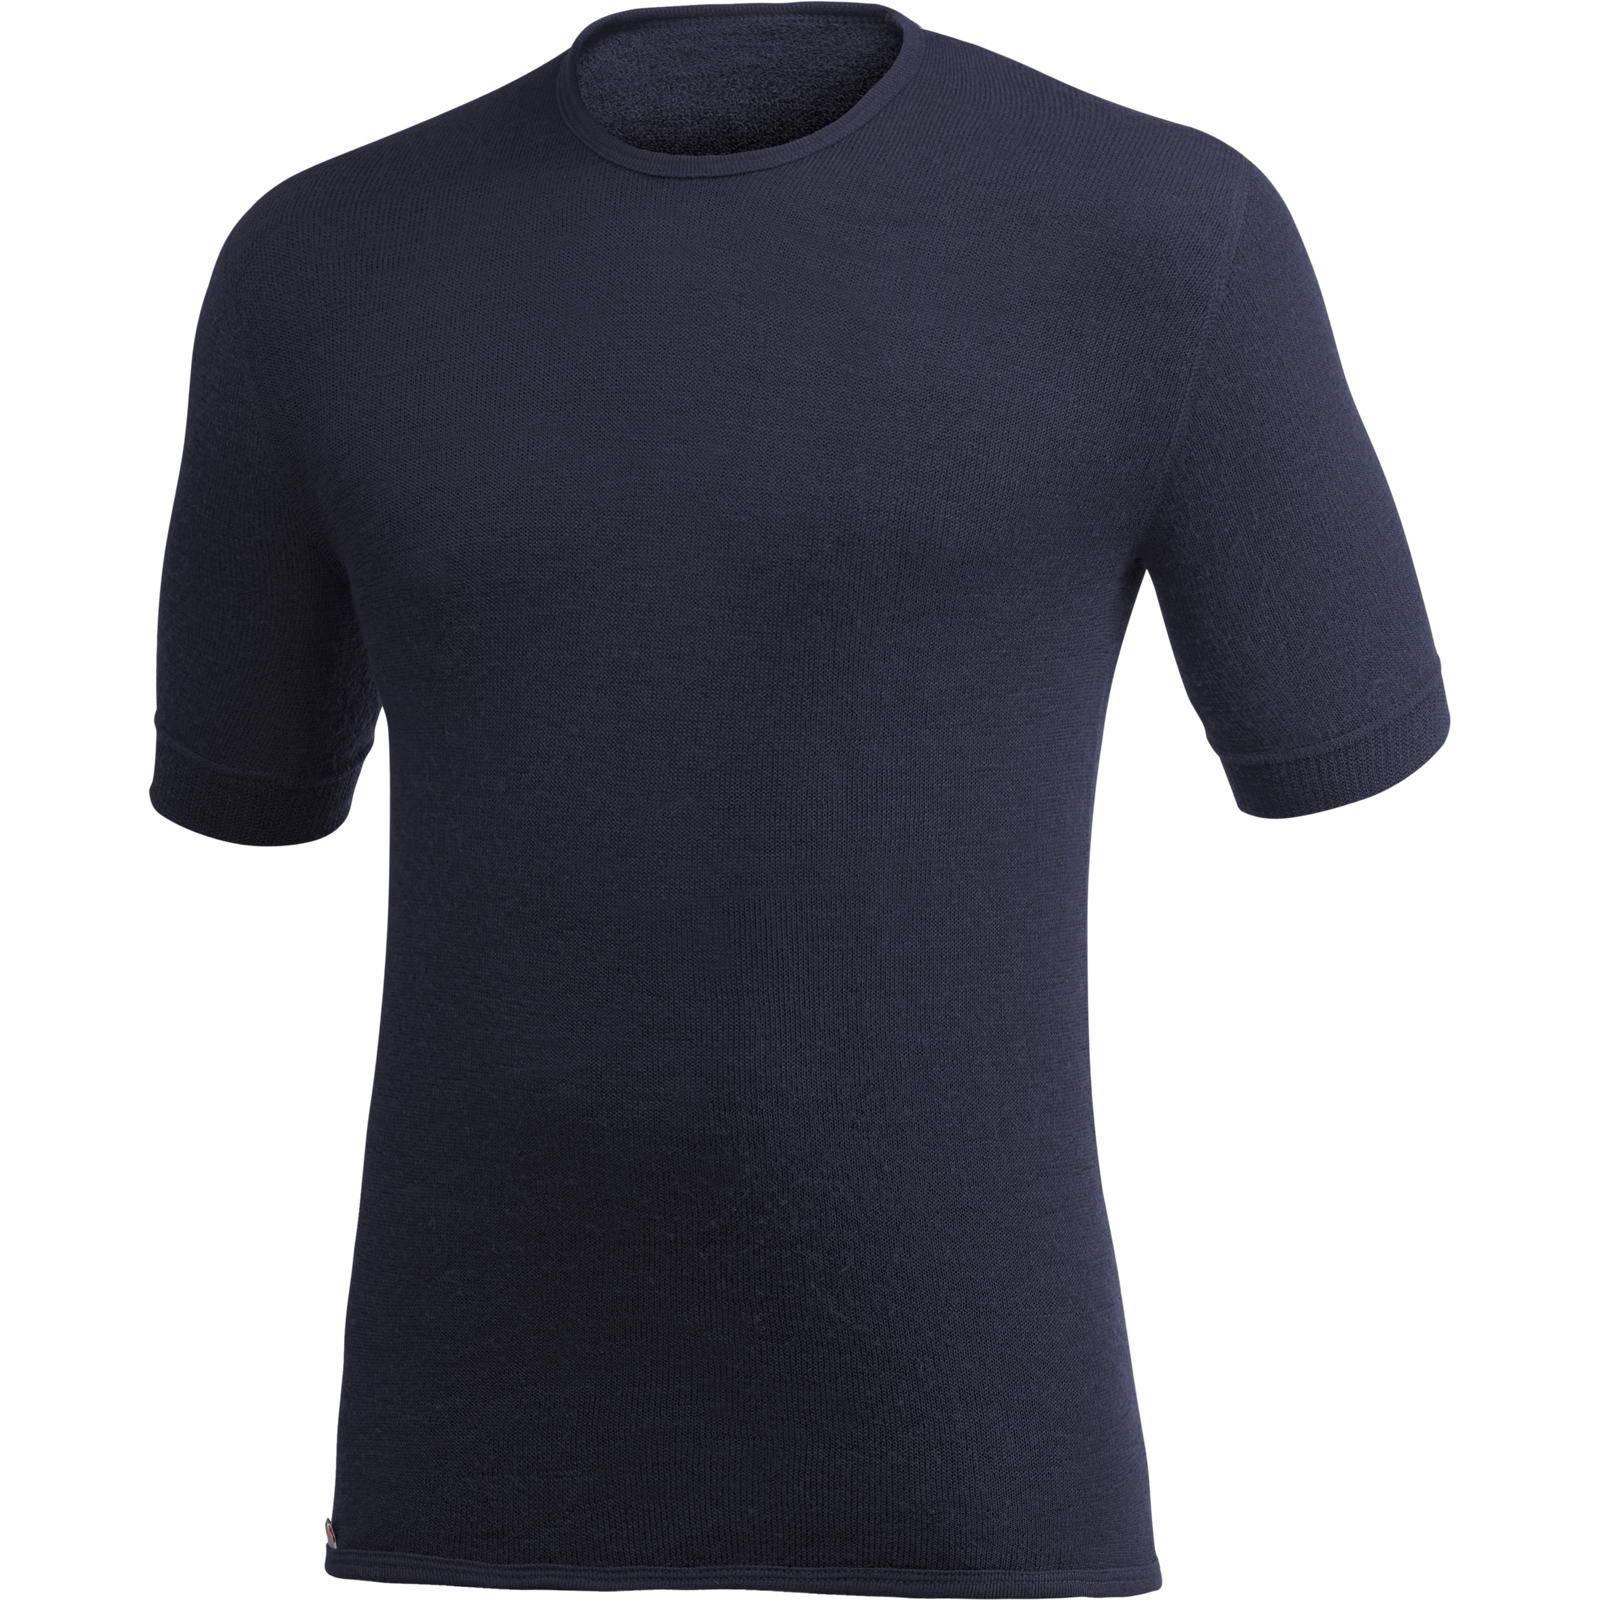 Woolpower Tee 200 - T-Shirt dark navy L